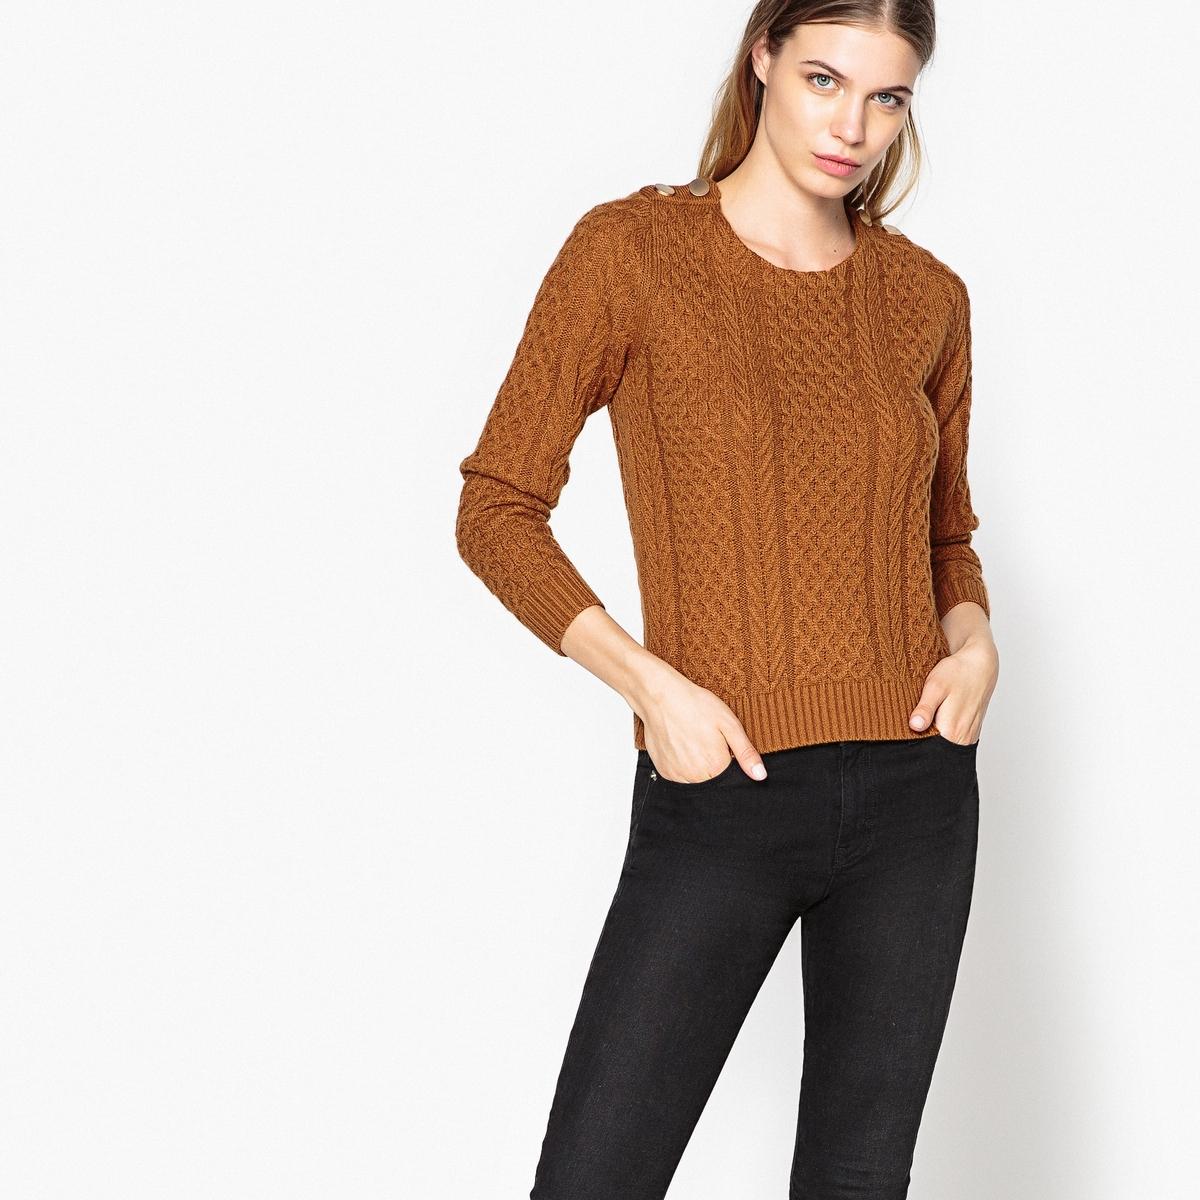 Пуловер классическийДетали •  Длинные рукава  •  Круглый вырез •  Плотный трикотаж Состав и уход •  55% шерсти, 45% полиамида •  Следуйте советам по уходу, указанным на этикетке<br><br>Цвет: темно-бежевый<br>Размер: S.M